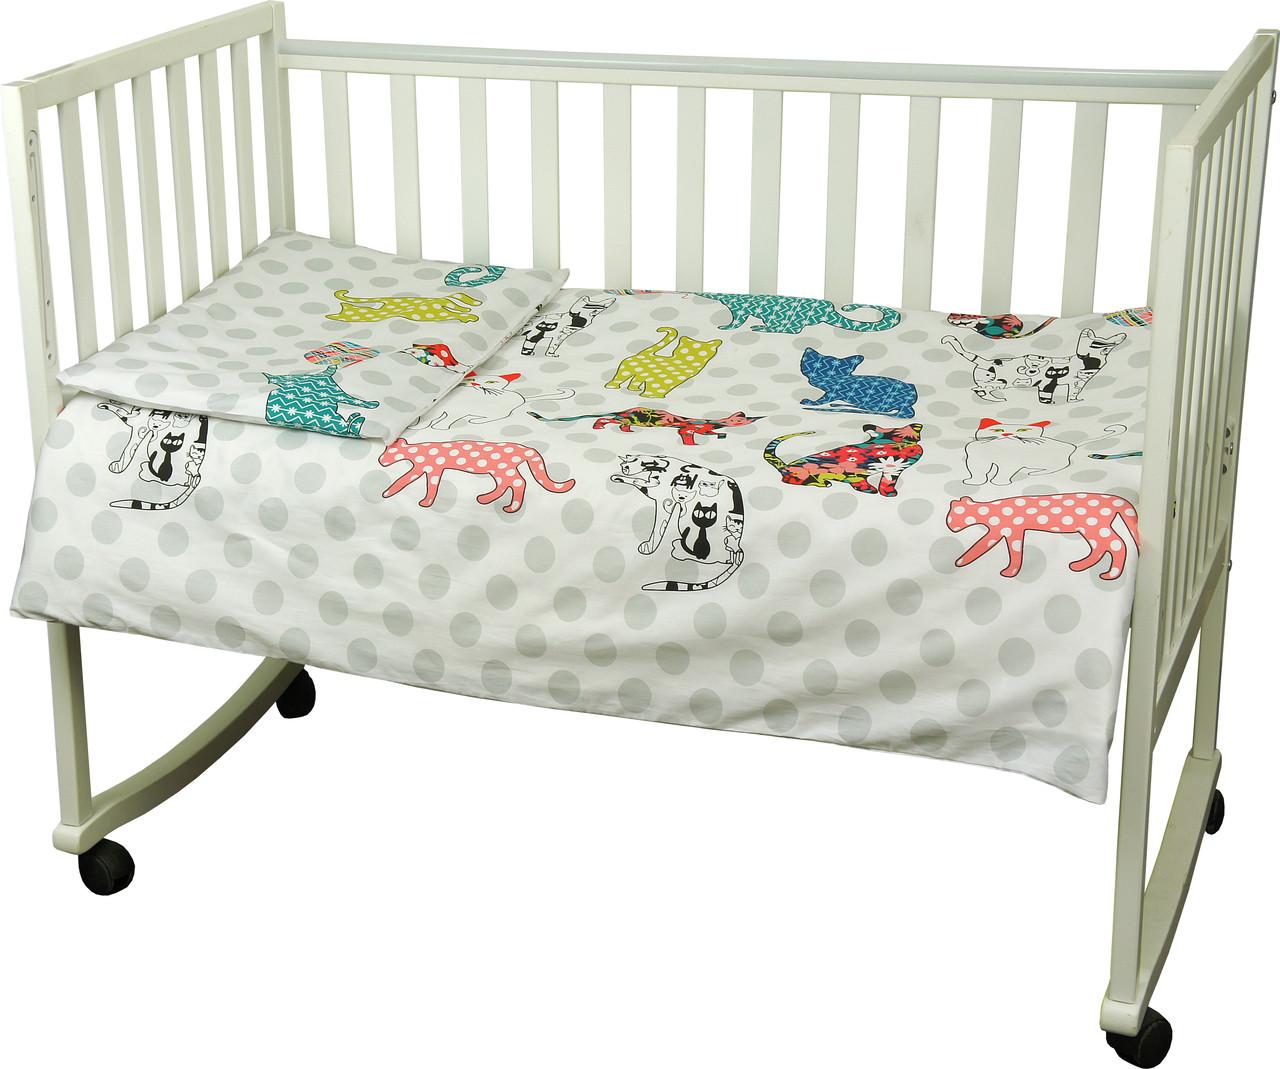 Детский комплект постельного белья для кроватки сатин 60Х120  Cat (932)